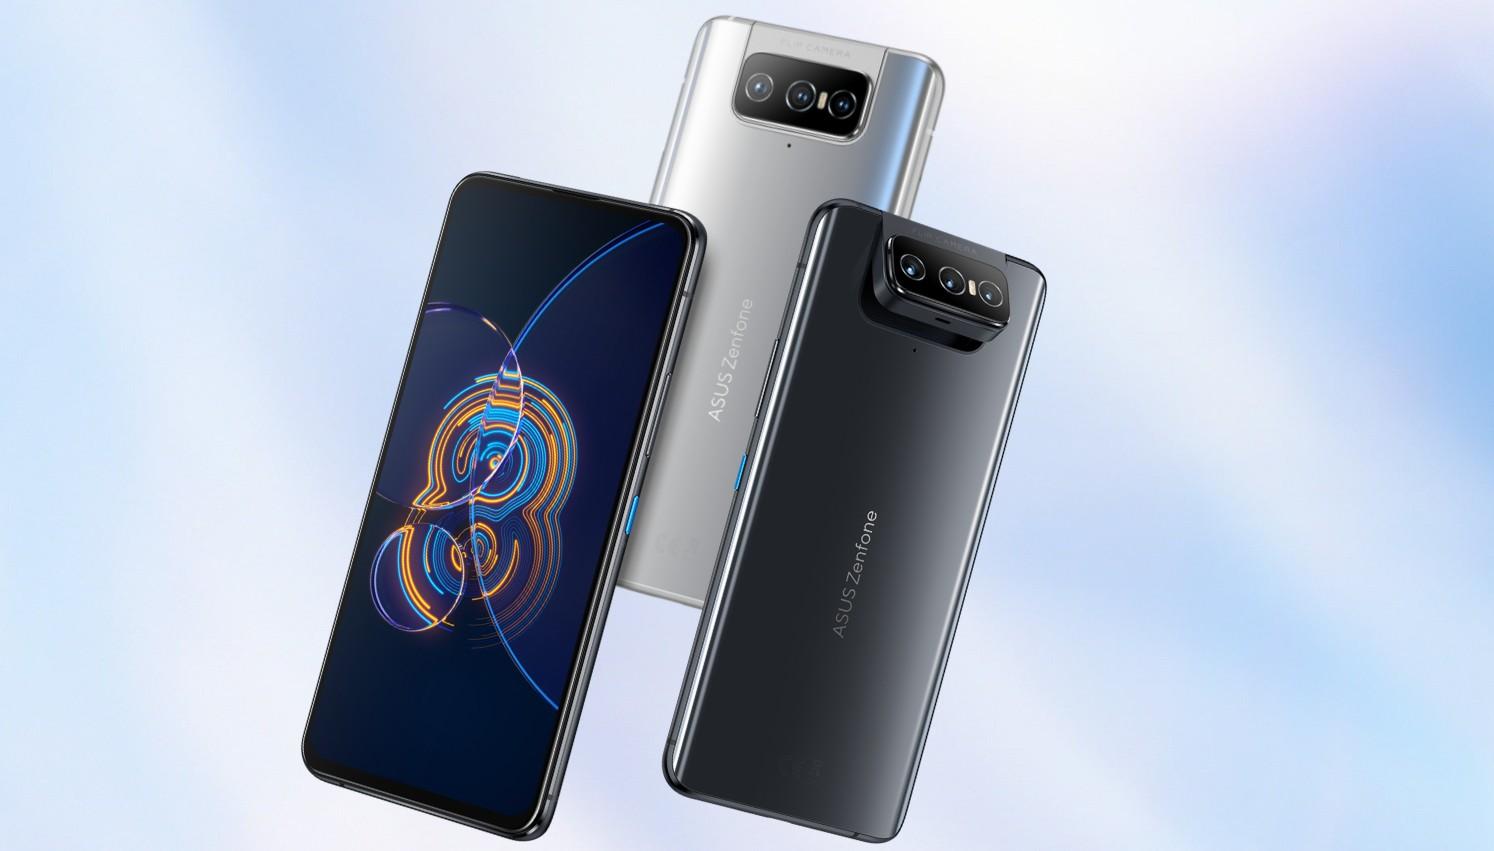 【快訊】搶搭高通最新晶片!華碩今年傳還有 2 款旗艦手機登場